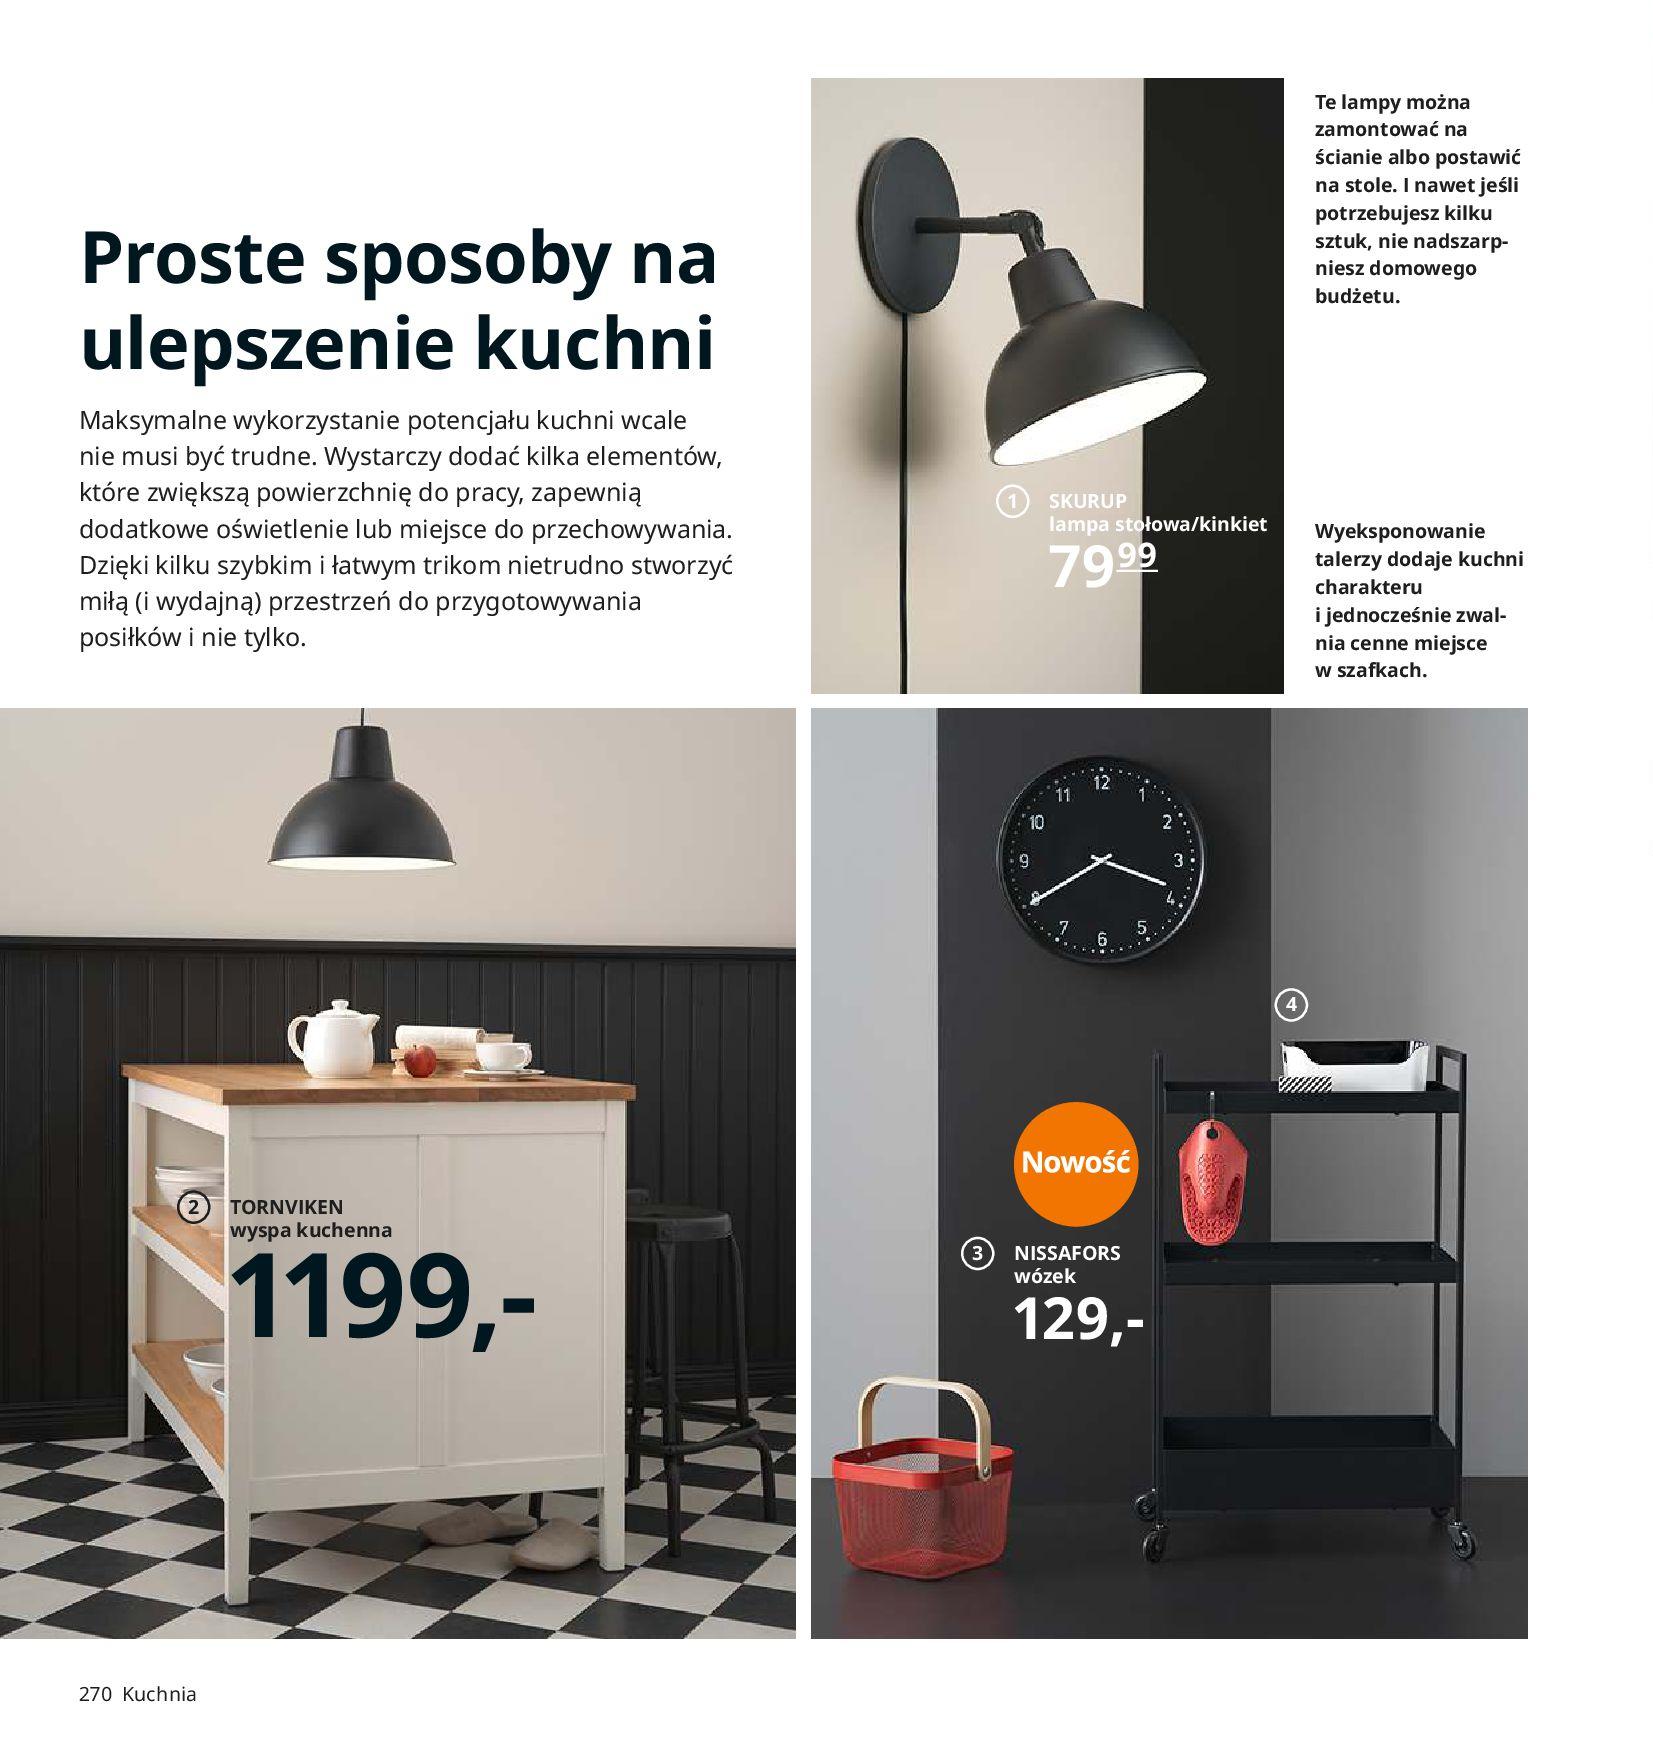 Gazetka IKEA - Katalog IKEA 2020-25.08.2019-31.07.2020-page-270